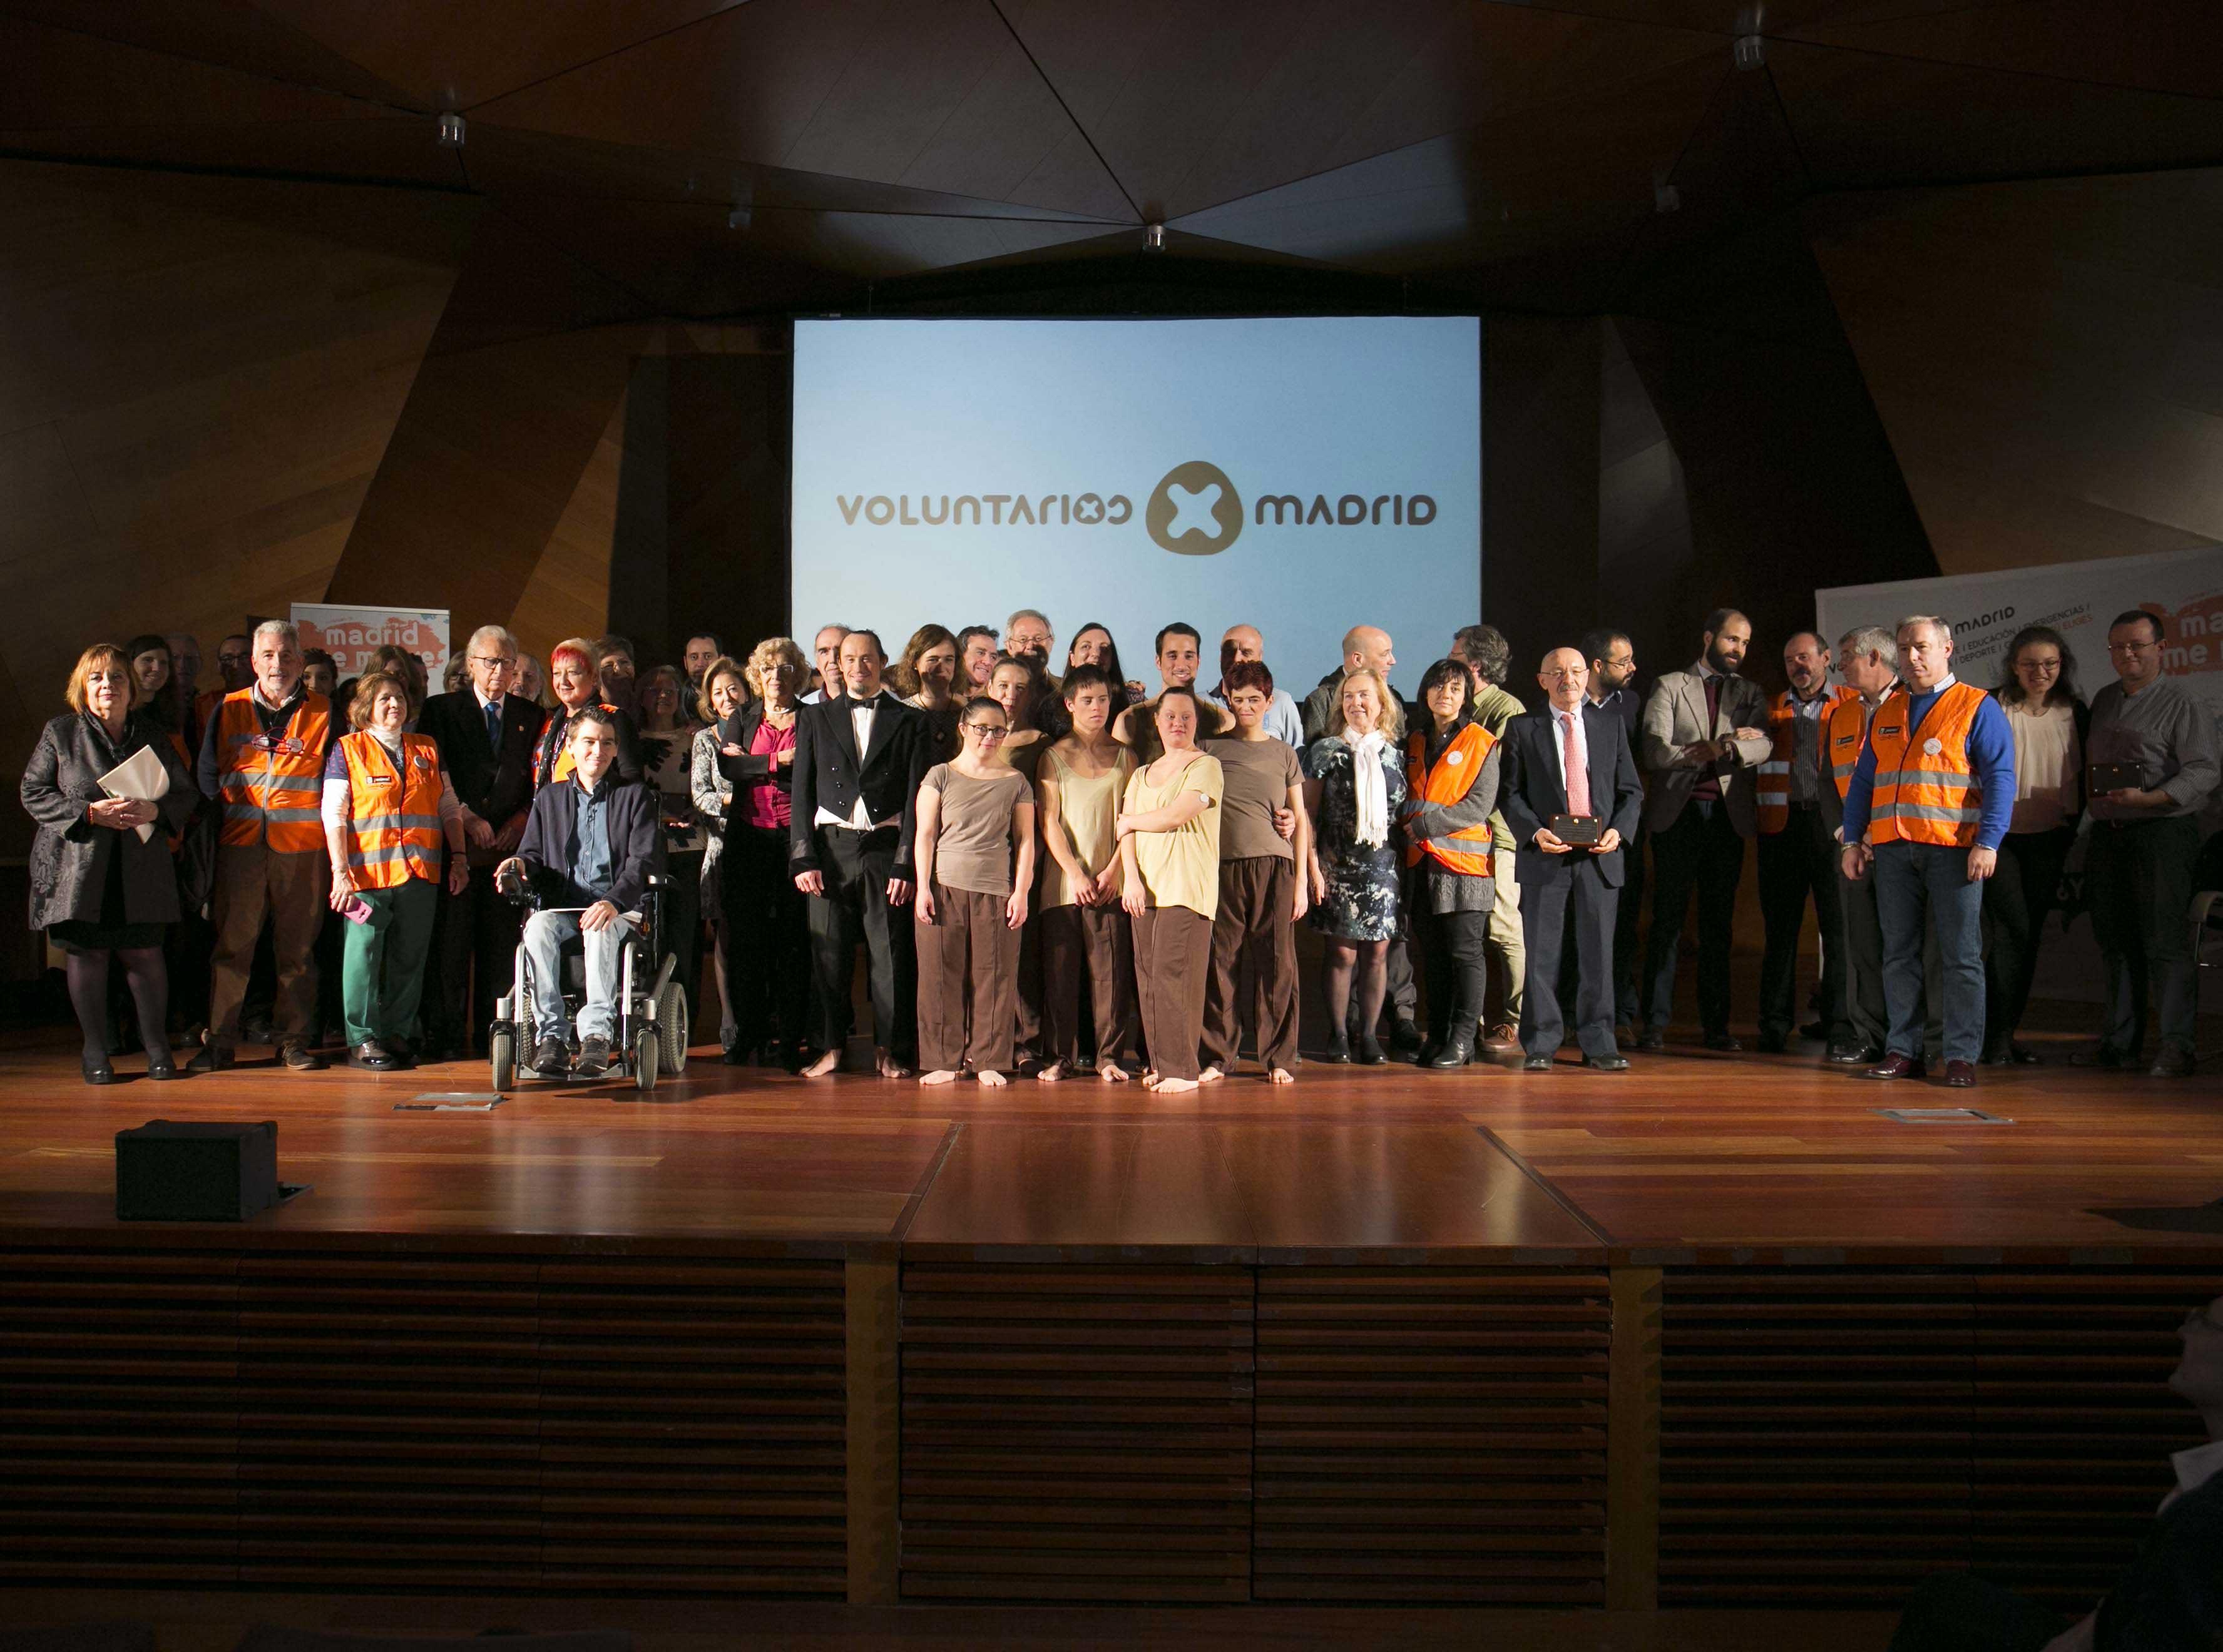 Voluntarios por Madrid\